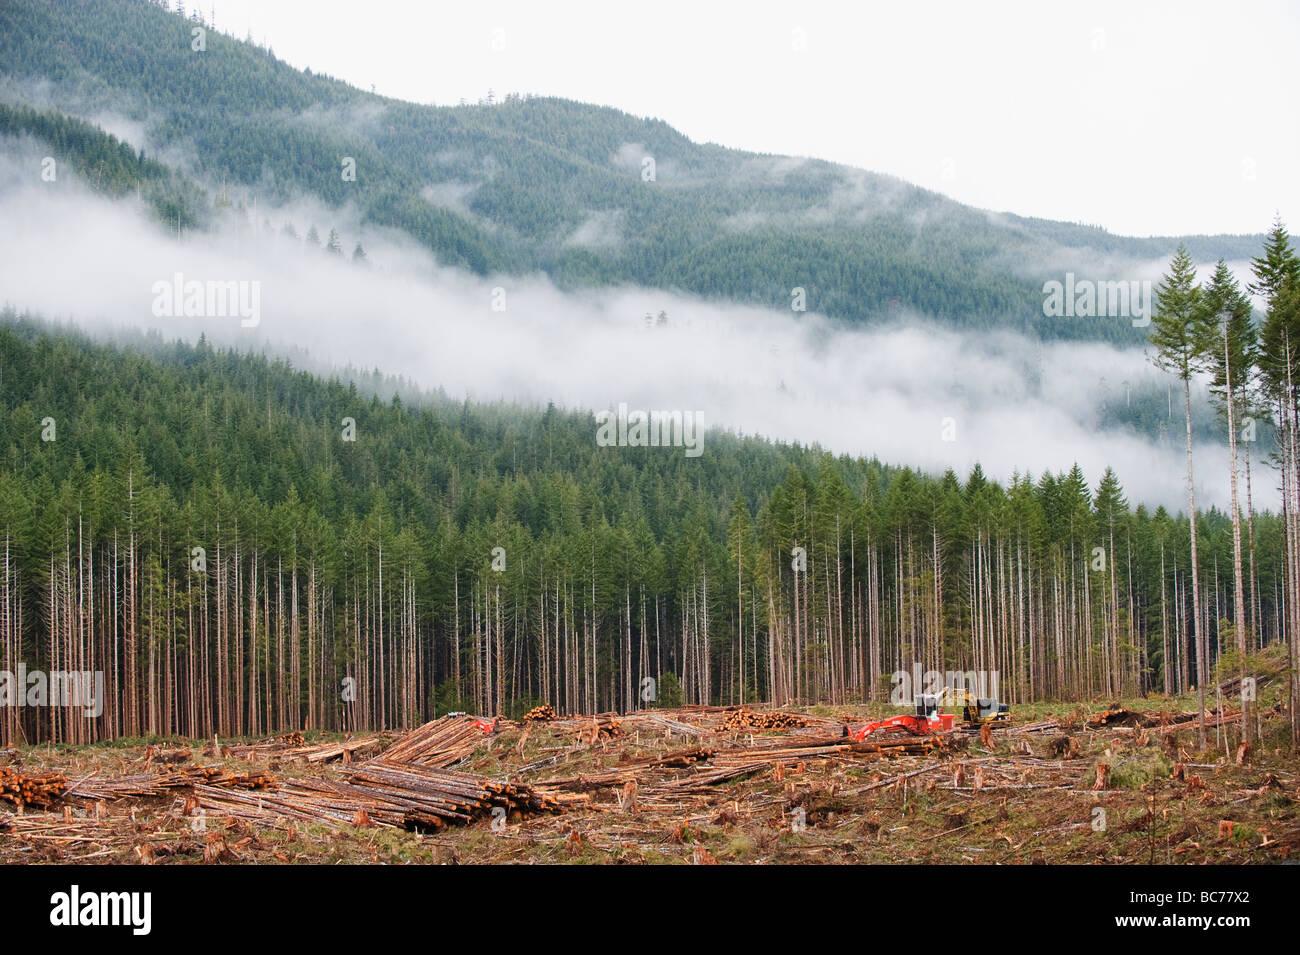 La deforestación en el Parque Provincial Carmanah Walbran Isla de Vancouver, British Columbia, Canadá Imagen De Stock